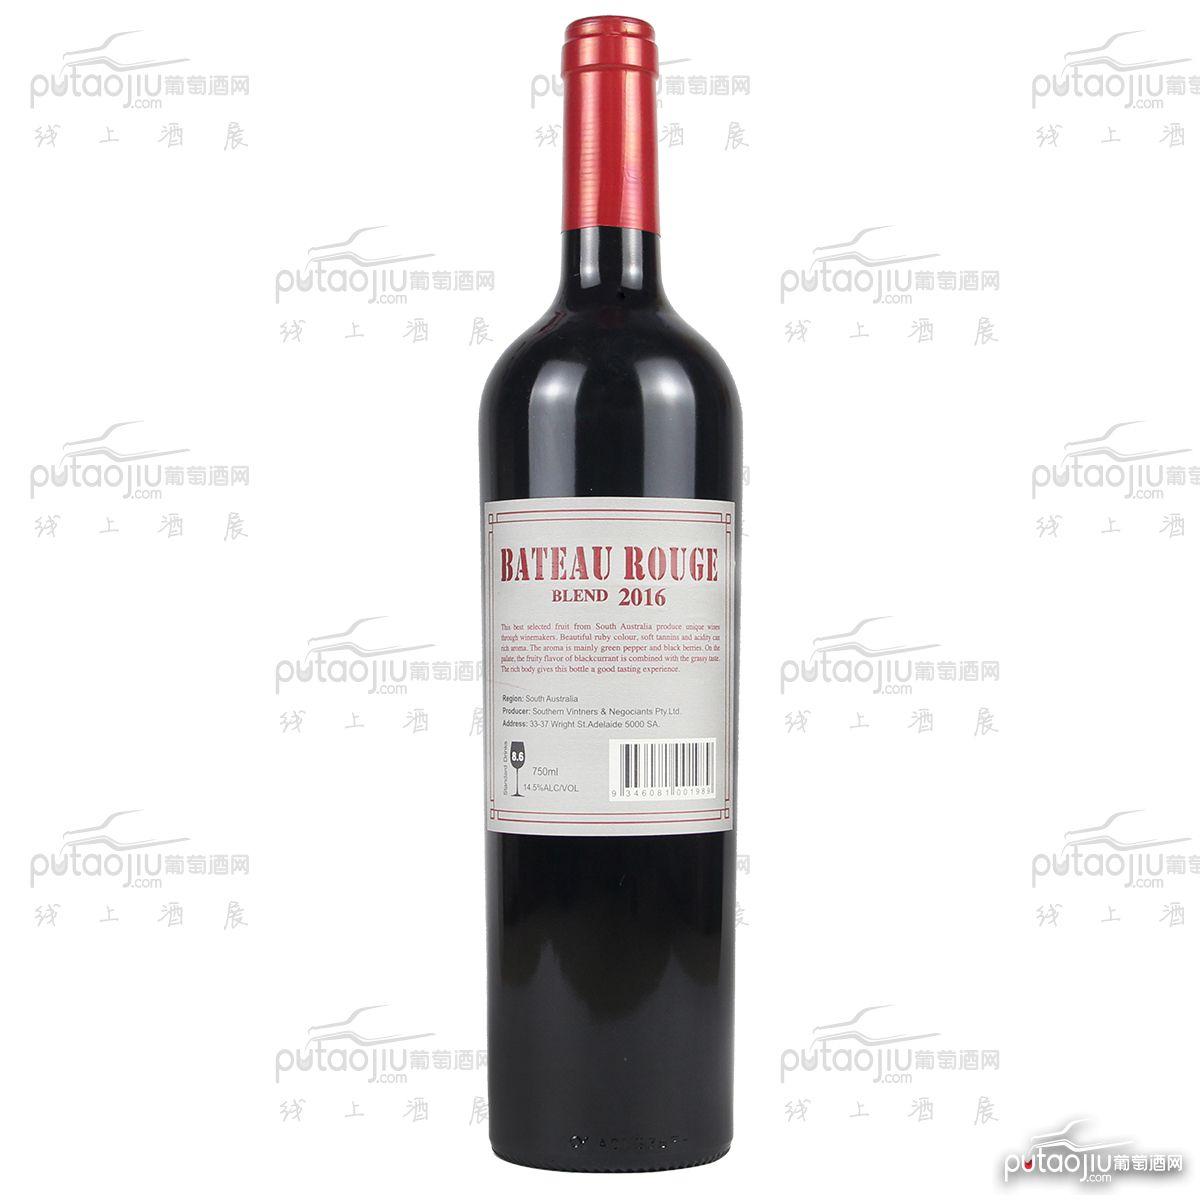 澳大利亚南澳产区盛宴酒庄红船混酿勇气干红葡萄酒